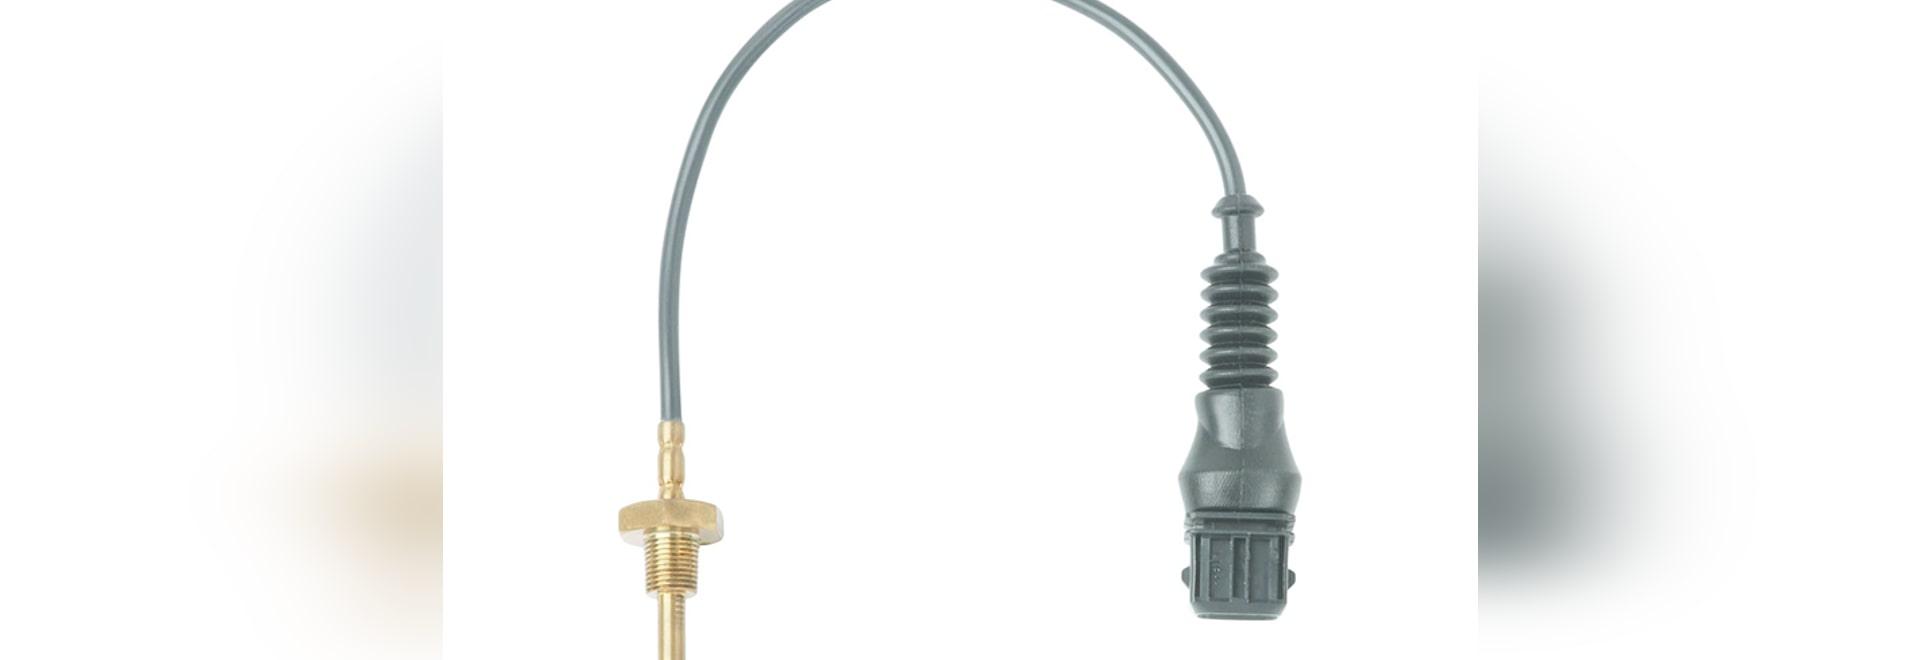 Neues Einschraubthermometer mit Anschlussleitung